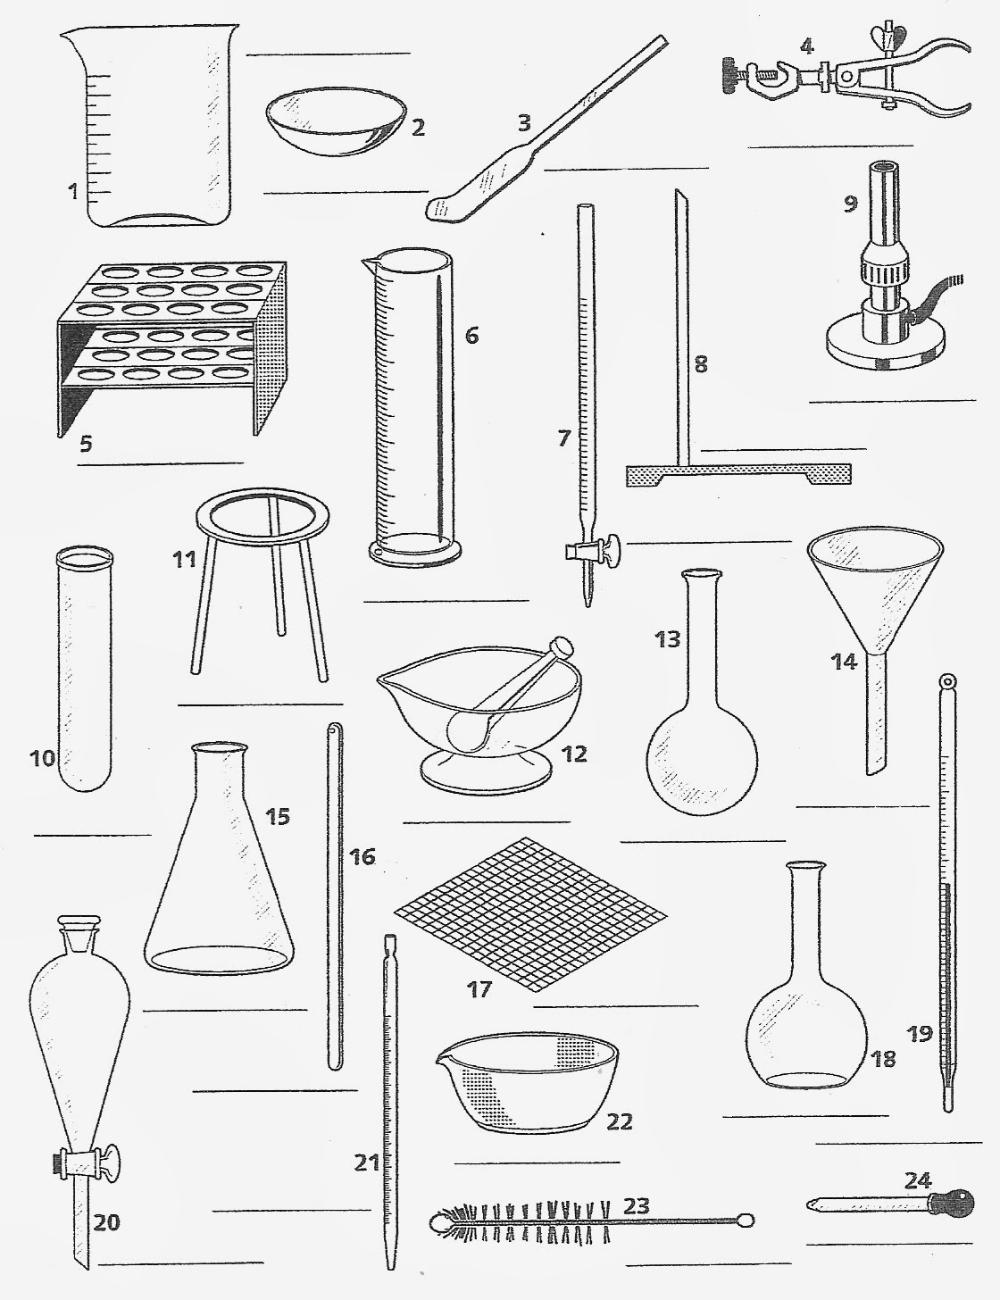 Prácticas De Biología Práctica 1 Identificación Del Material De Laboratorio Materiales De Laboratorio Enseñanza De Química Laboratorios De Ciencias